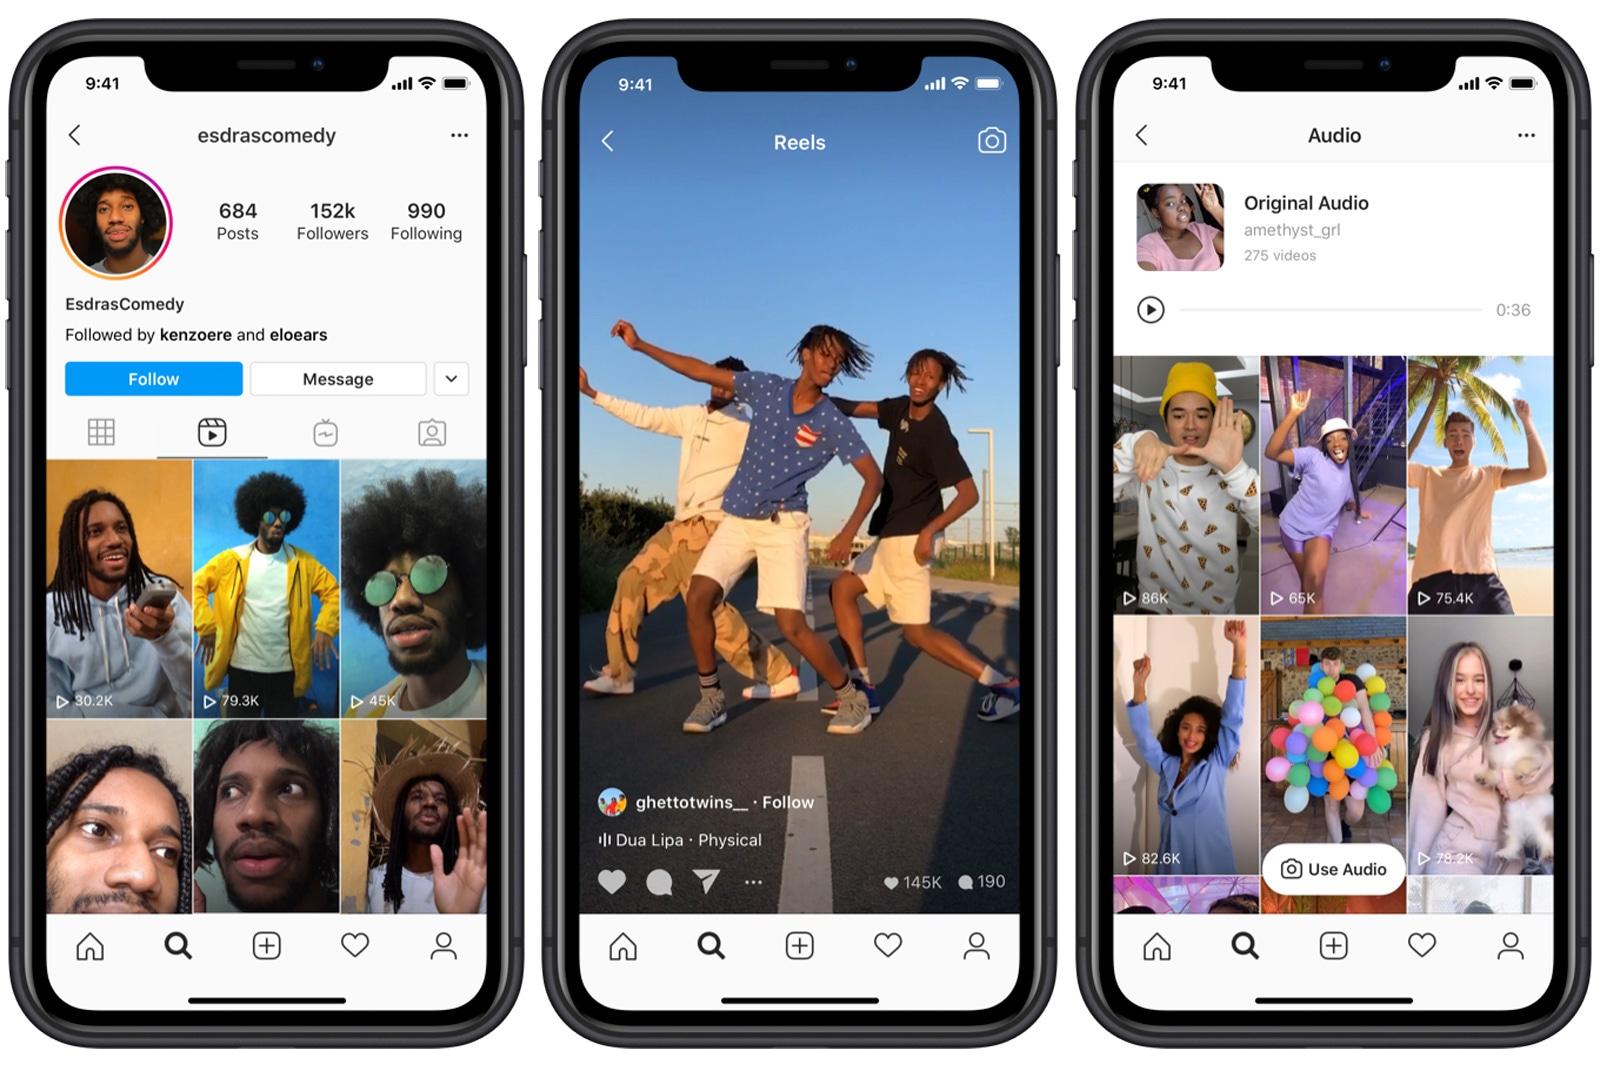 Instagram is making its TikTok-like 'Reels' easier to find | Engadget